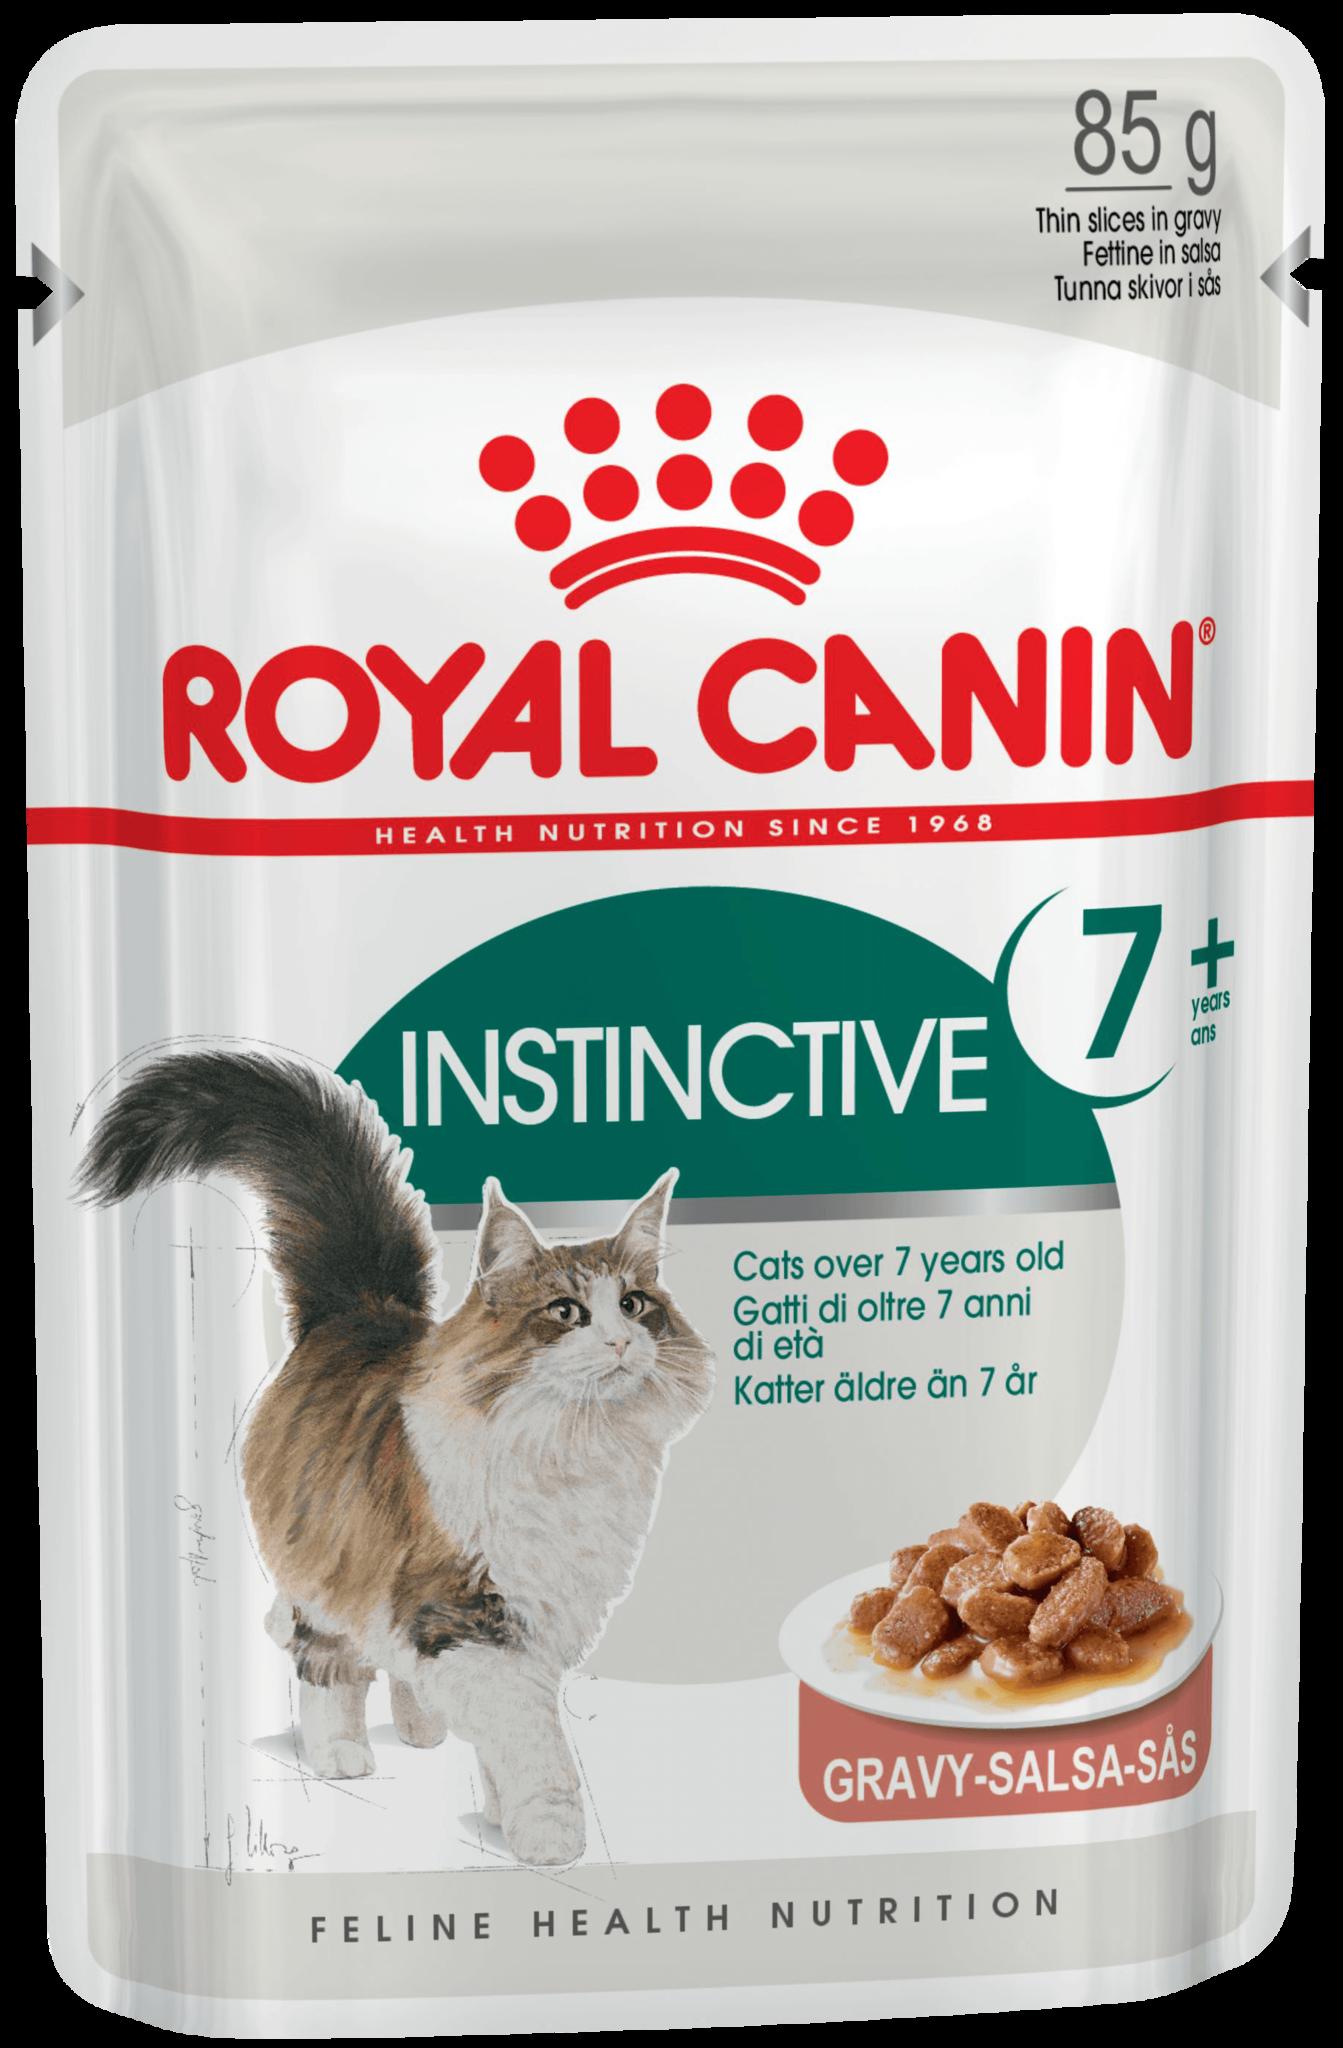 Royal Canin Пауч для кошек, Royal Canin Instinctive +7, помогающий поддерживать жизненные силы кошек старше 7 лет (в соусе) d_instinctive-7_-in-gravy.png